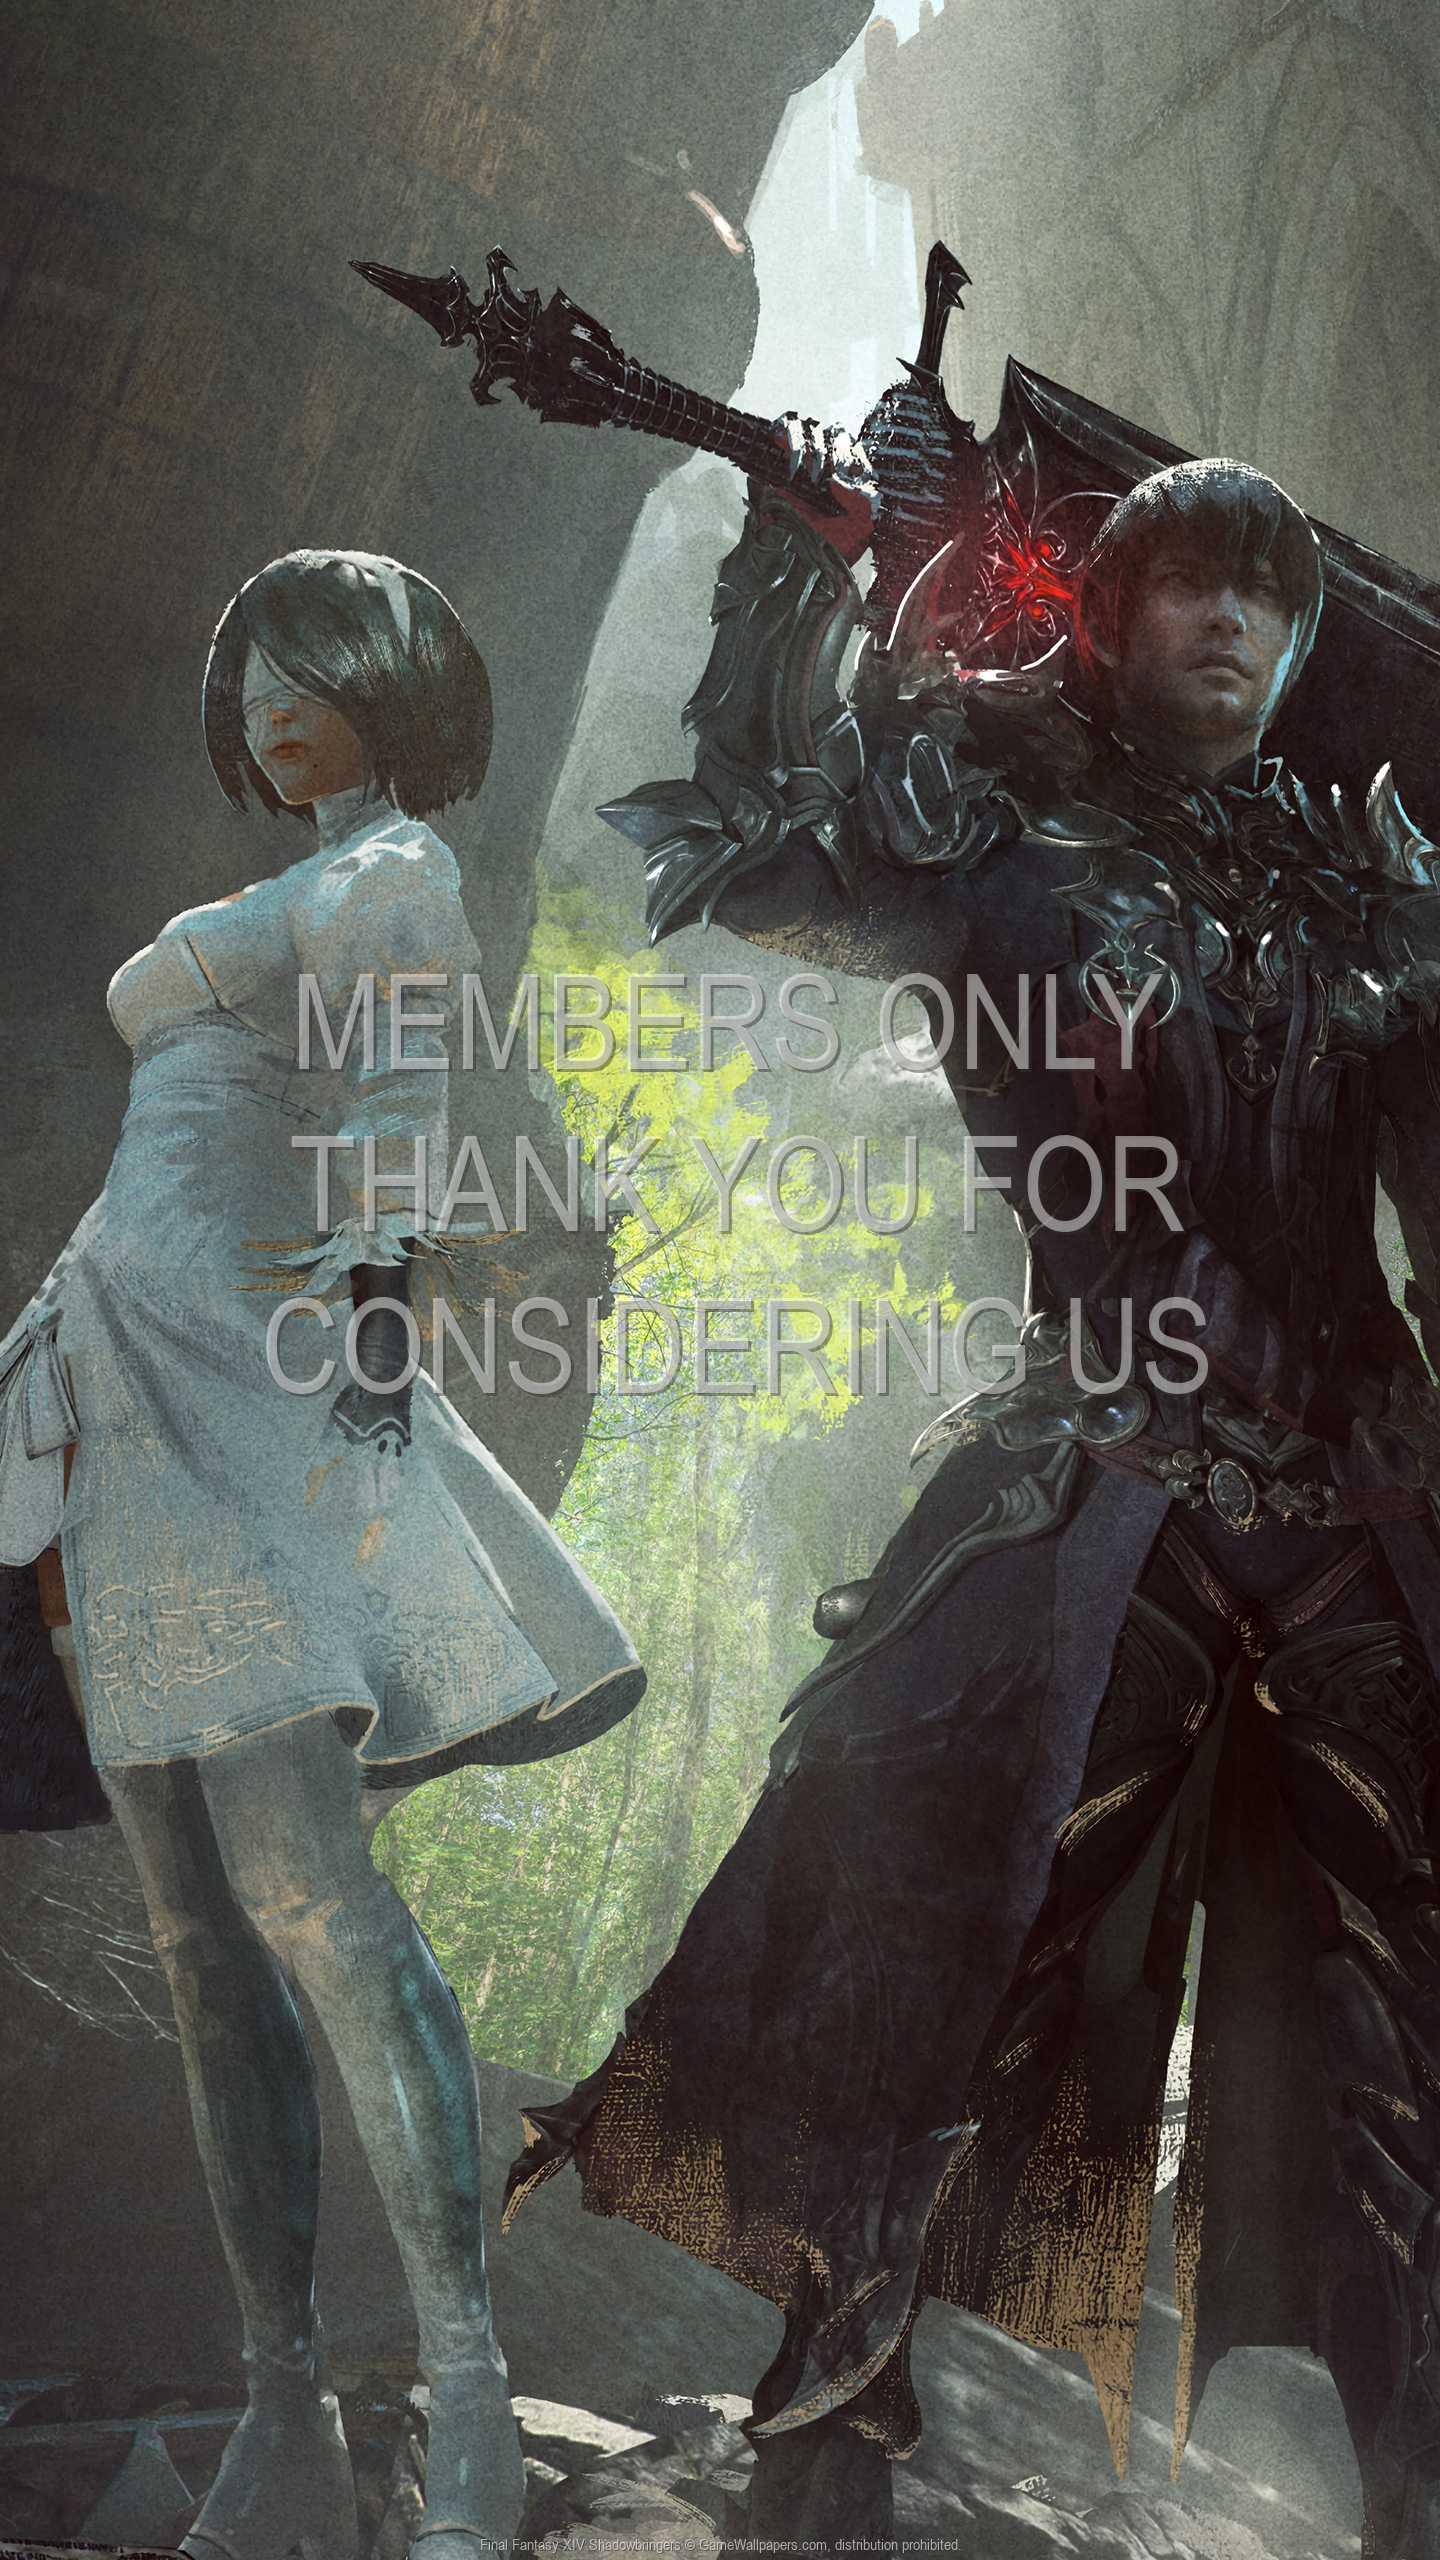 Final Fantasy XIV: Shadowbringers 1440p Vertical Mobile wallpaper or background 01